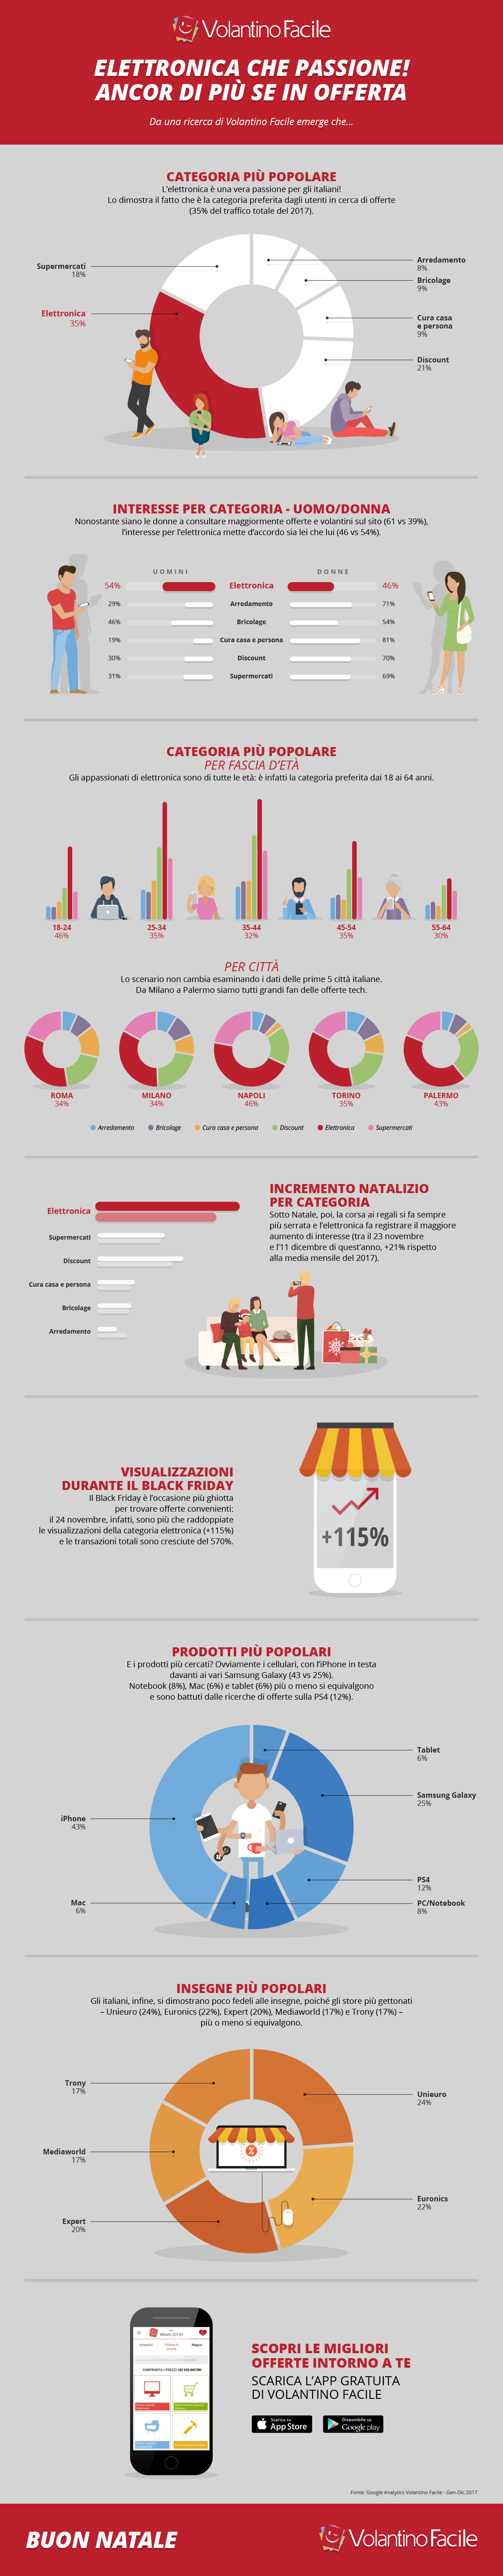 Offerte elettronica che passione infografica